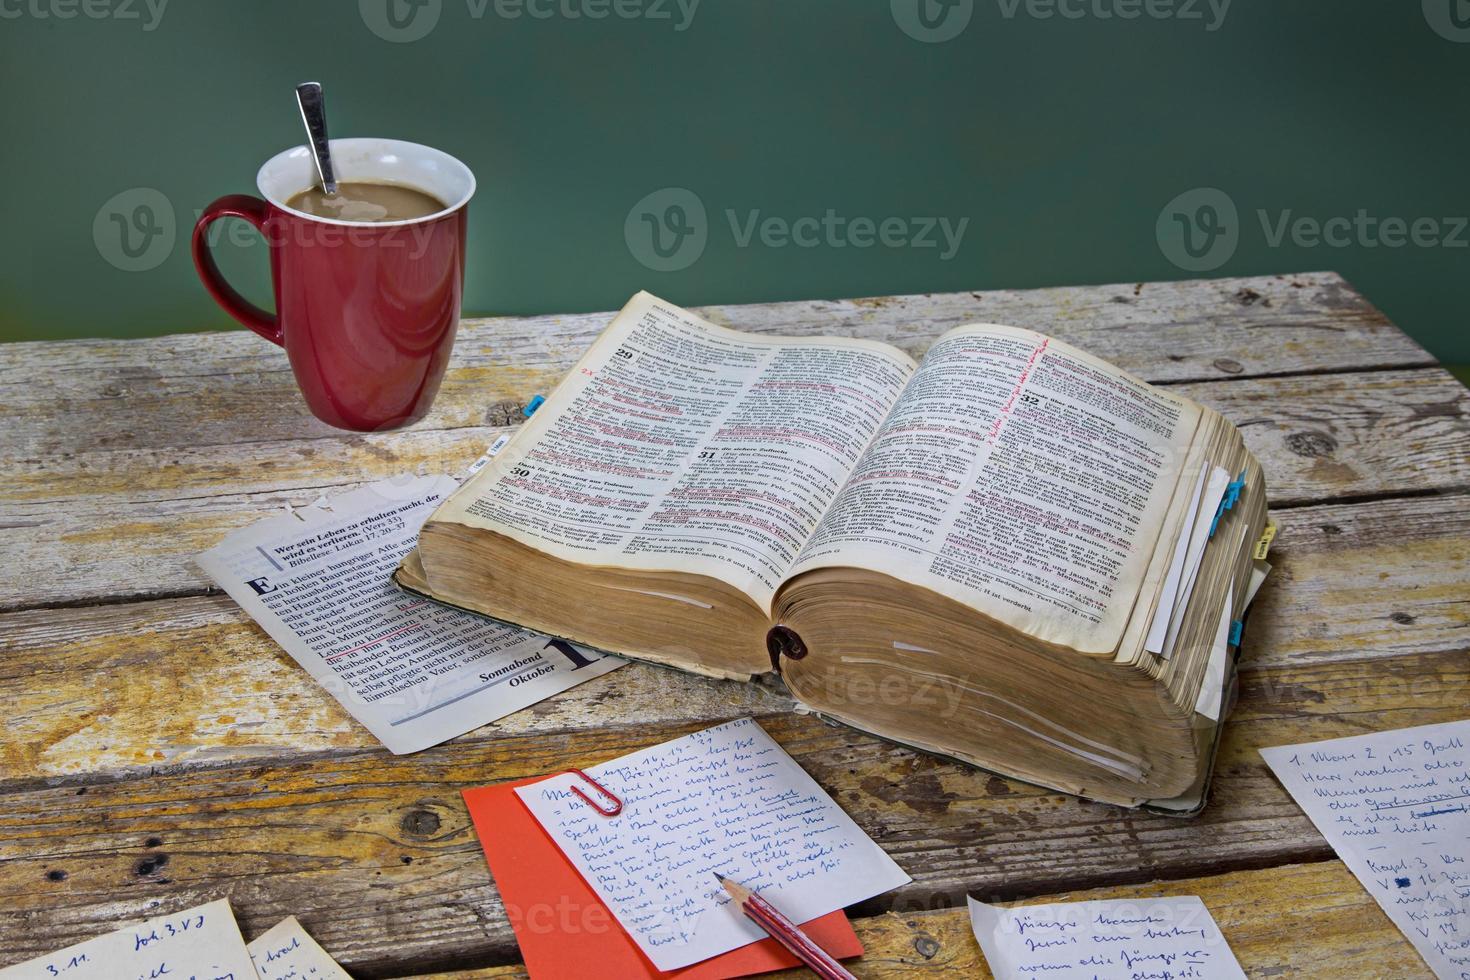 étude biblique quotidienne photo